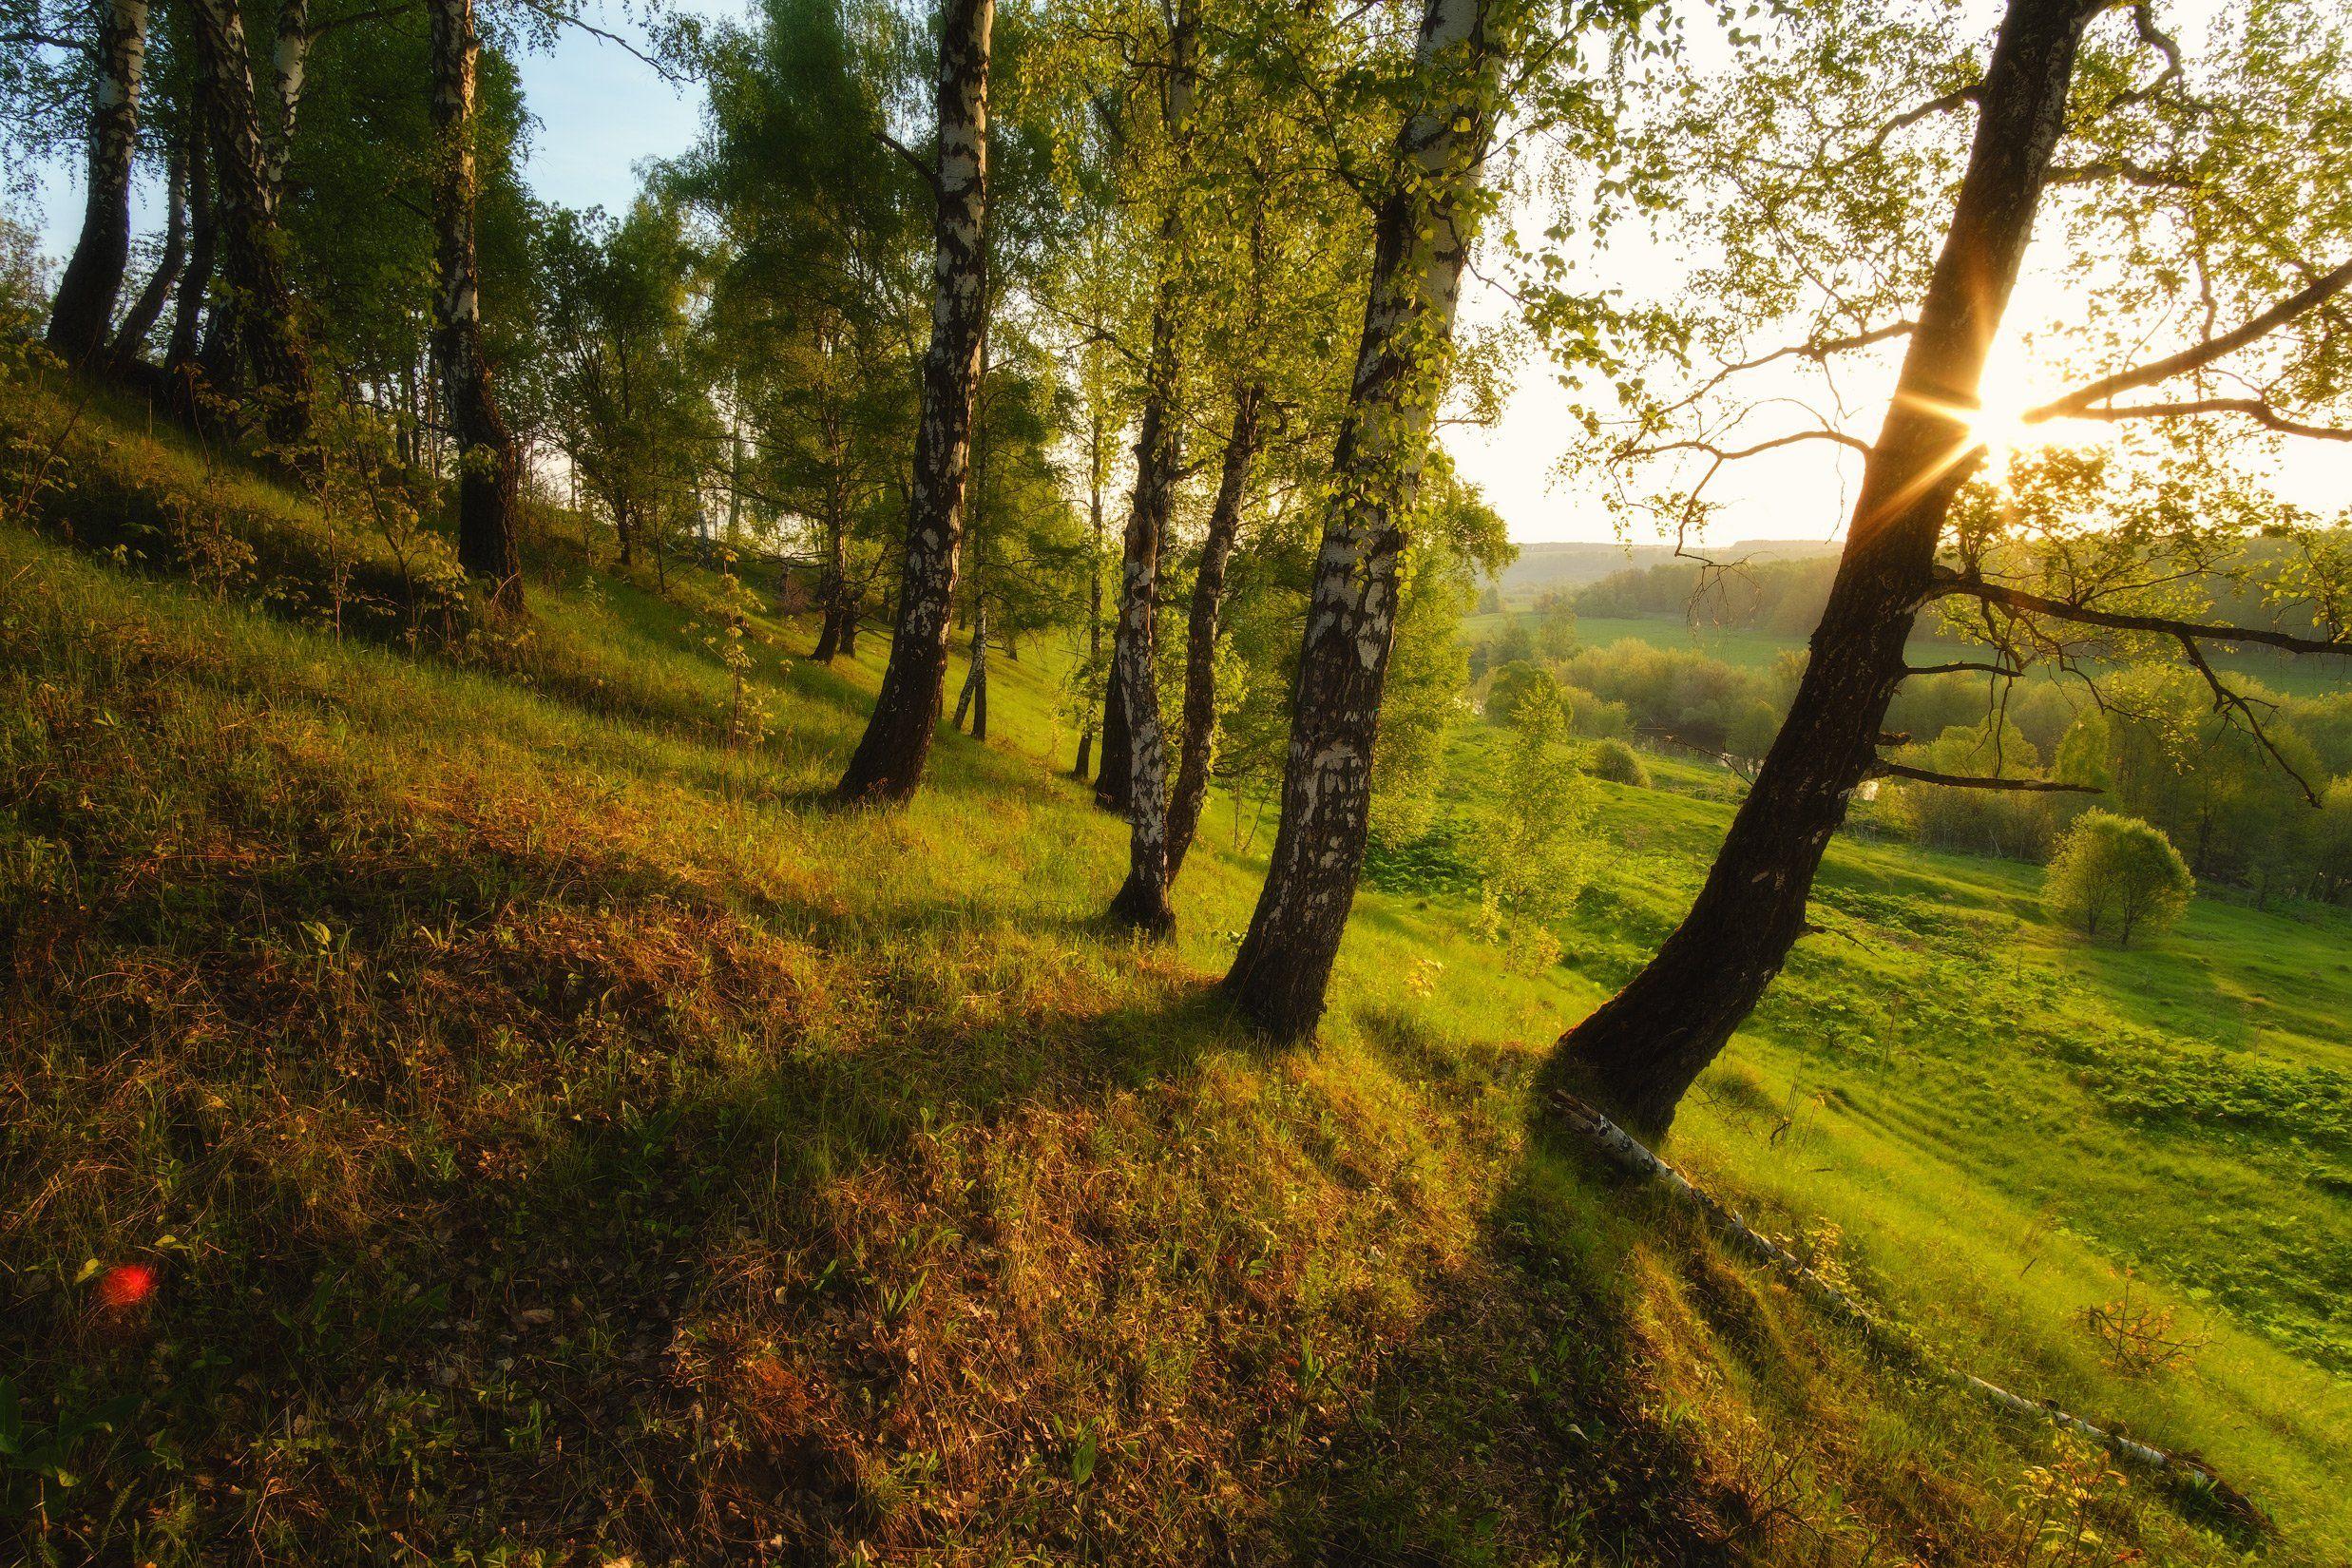 россия, московская область, зарайск, река, восход солнца, рассвет, луг, лес, весна, камни, пейзаж, природада, Оборотов Алексей